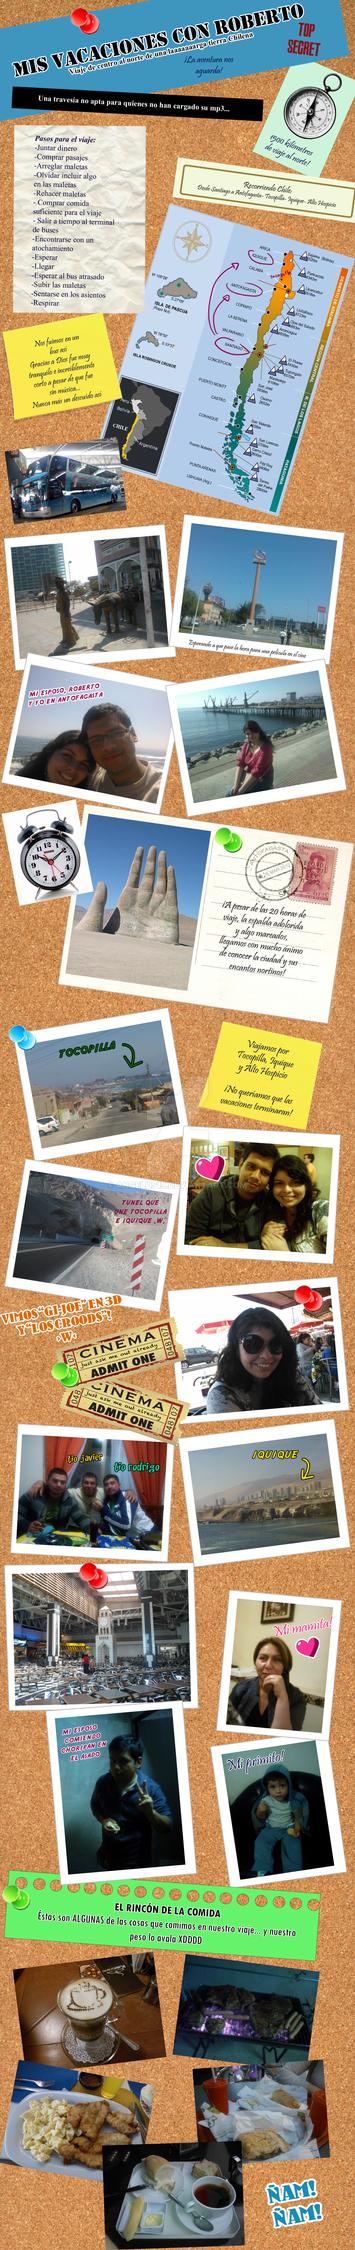 Mis vacaciones con Roberto 8D by Angelus19